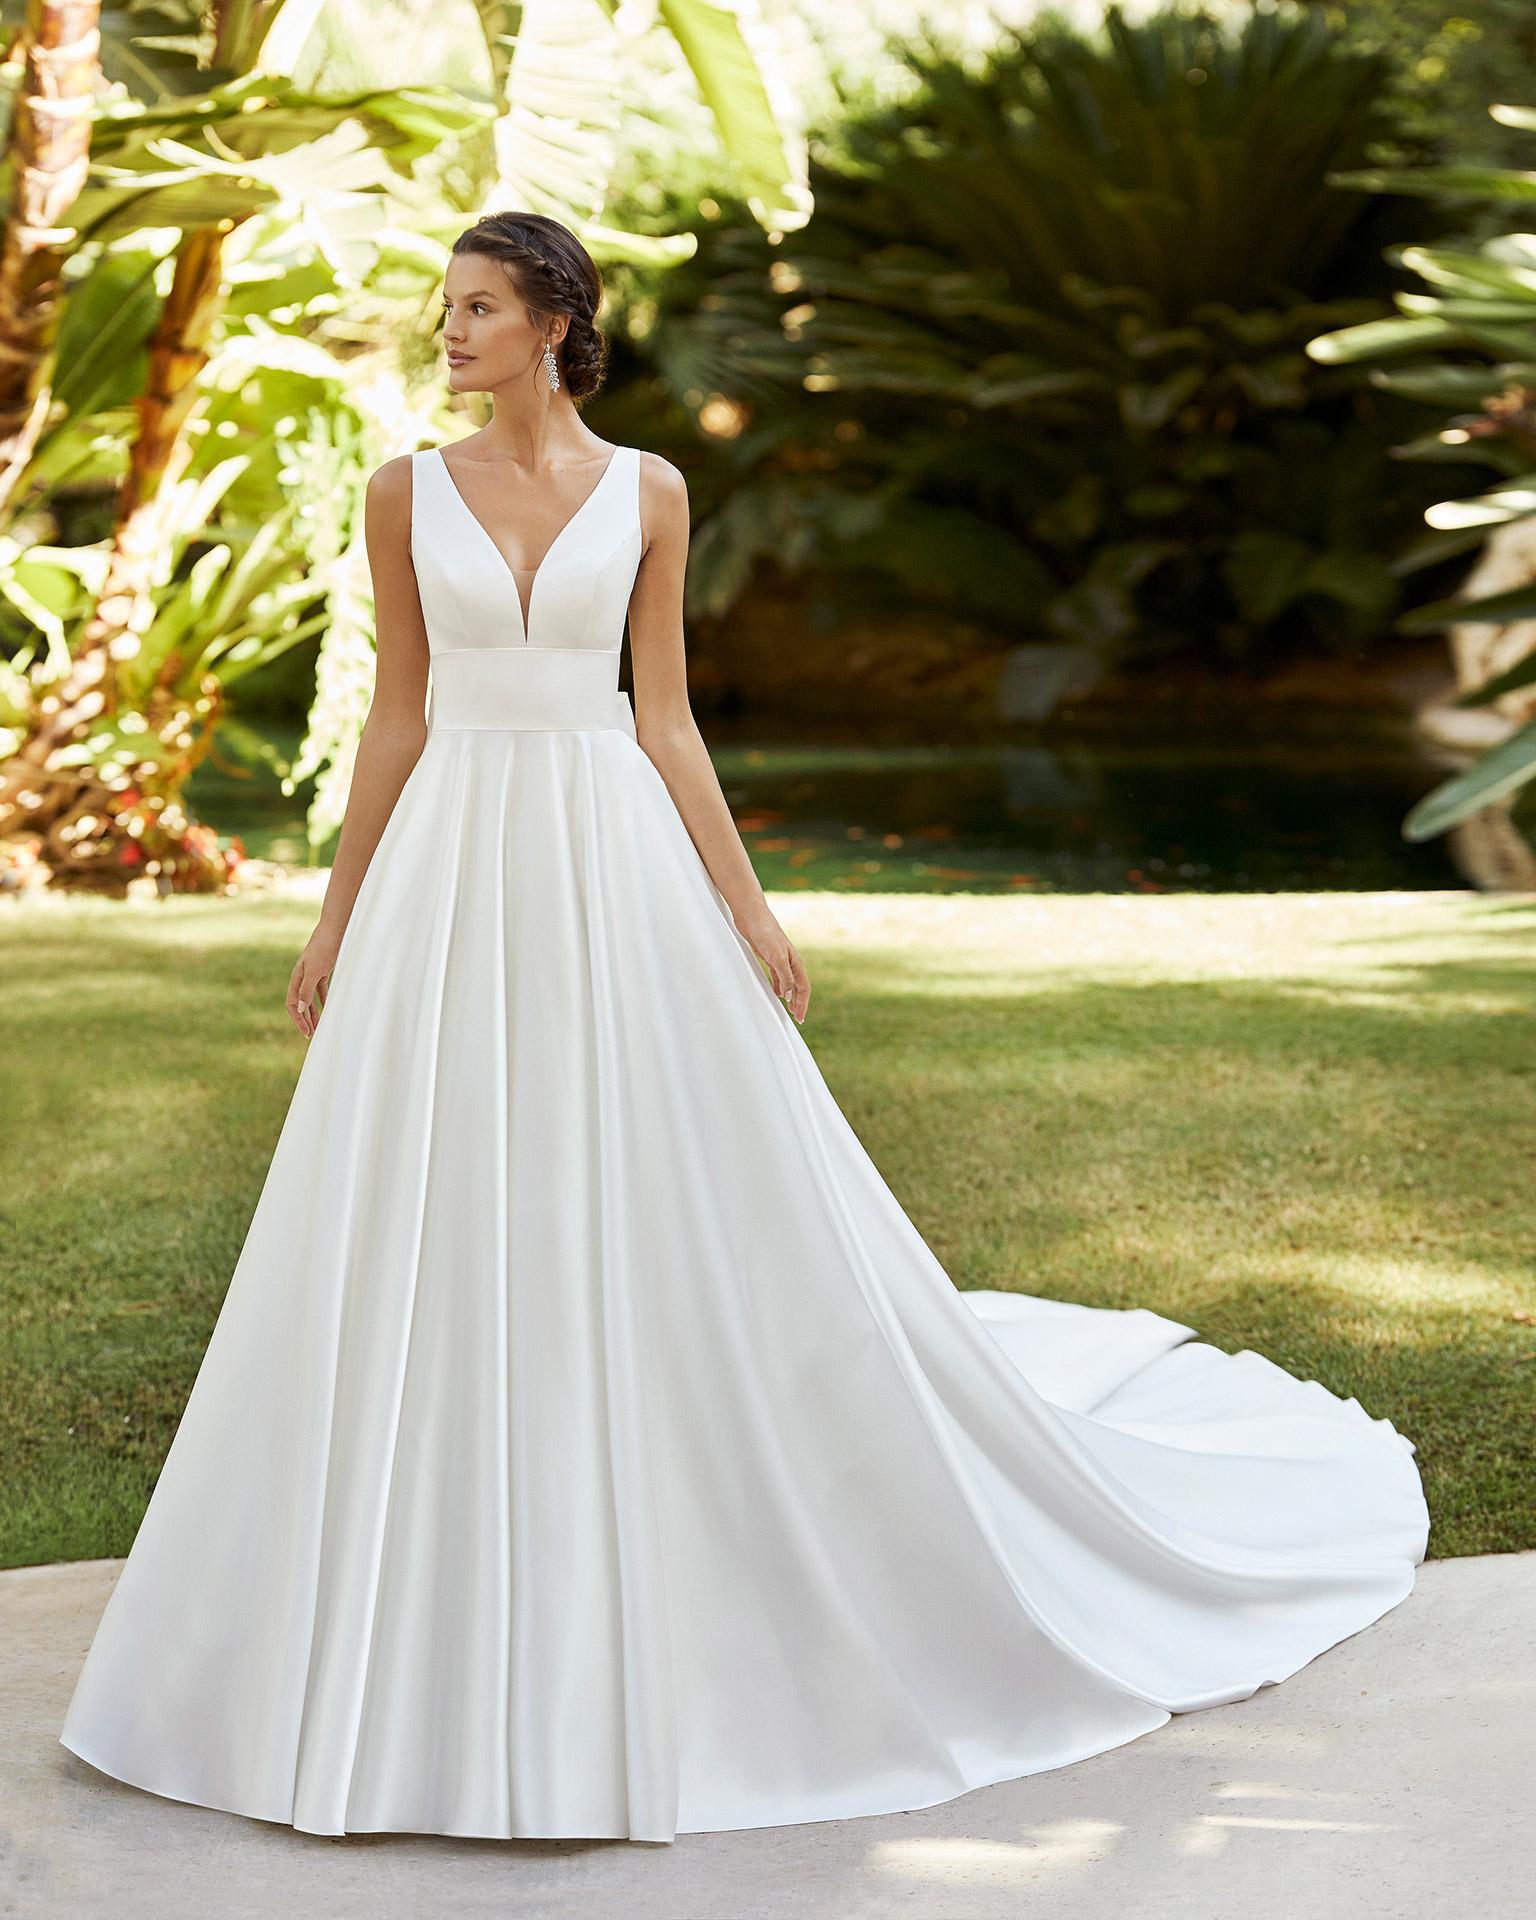 5N150_2_ZULEY Adriana Alier Rosa Clara Essencia Novias colección 2021 vestidos de novia sevilla